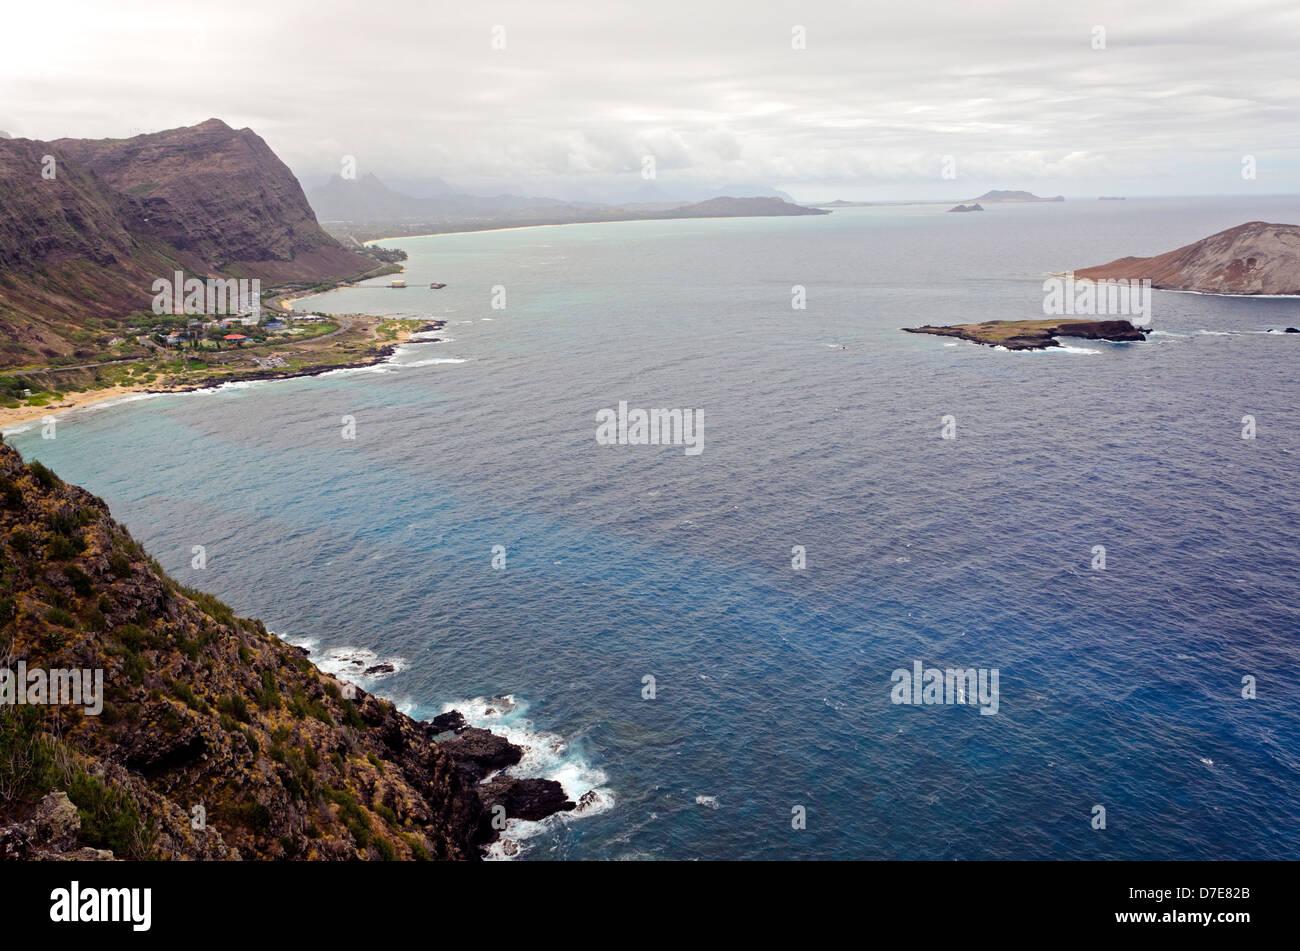 Vista desde el mirador de Makapuu, Oahu, Hawaii Foto de stock